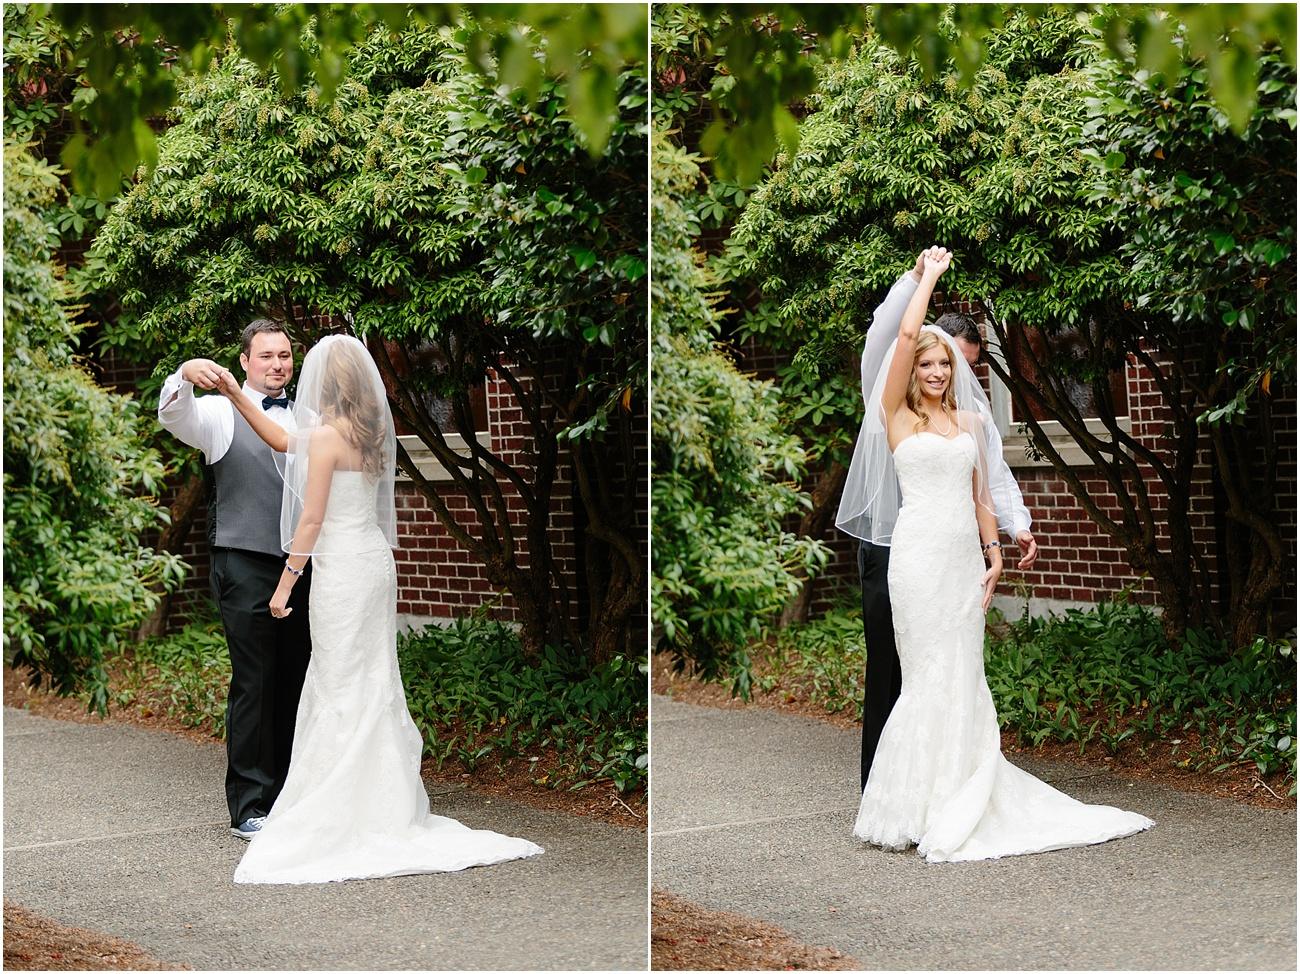 Thomas_WeyerhaeuserEstate_Tacom_Washington_Wedding_0045